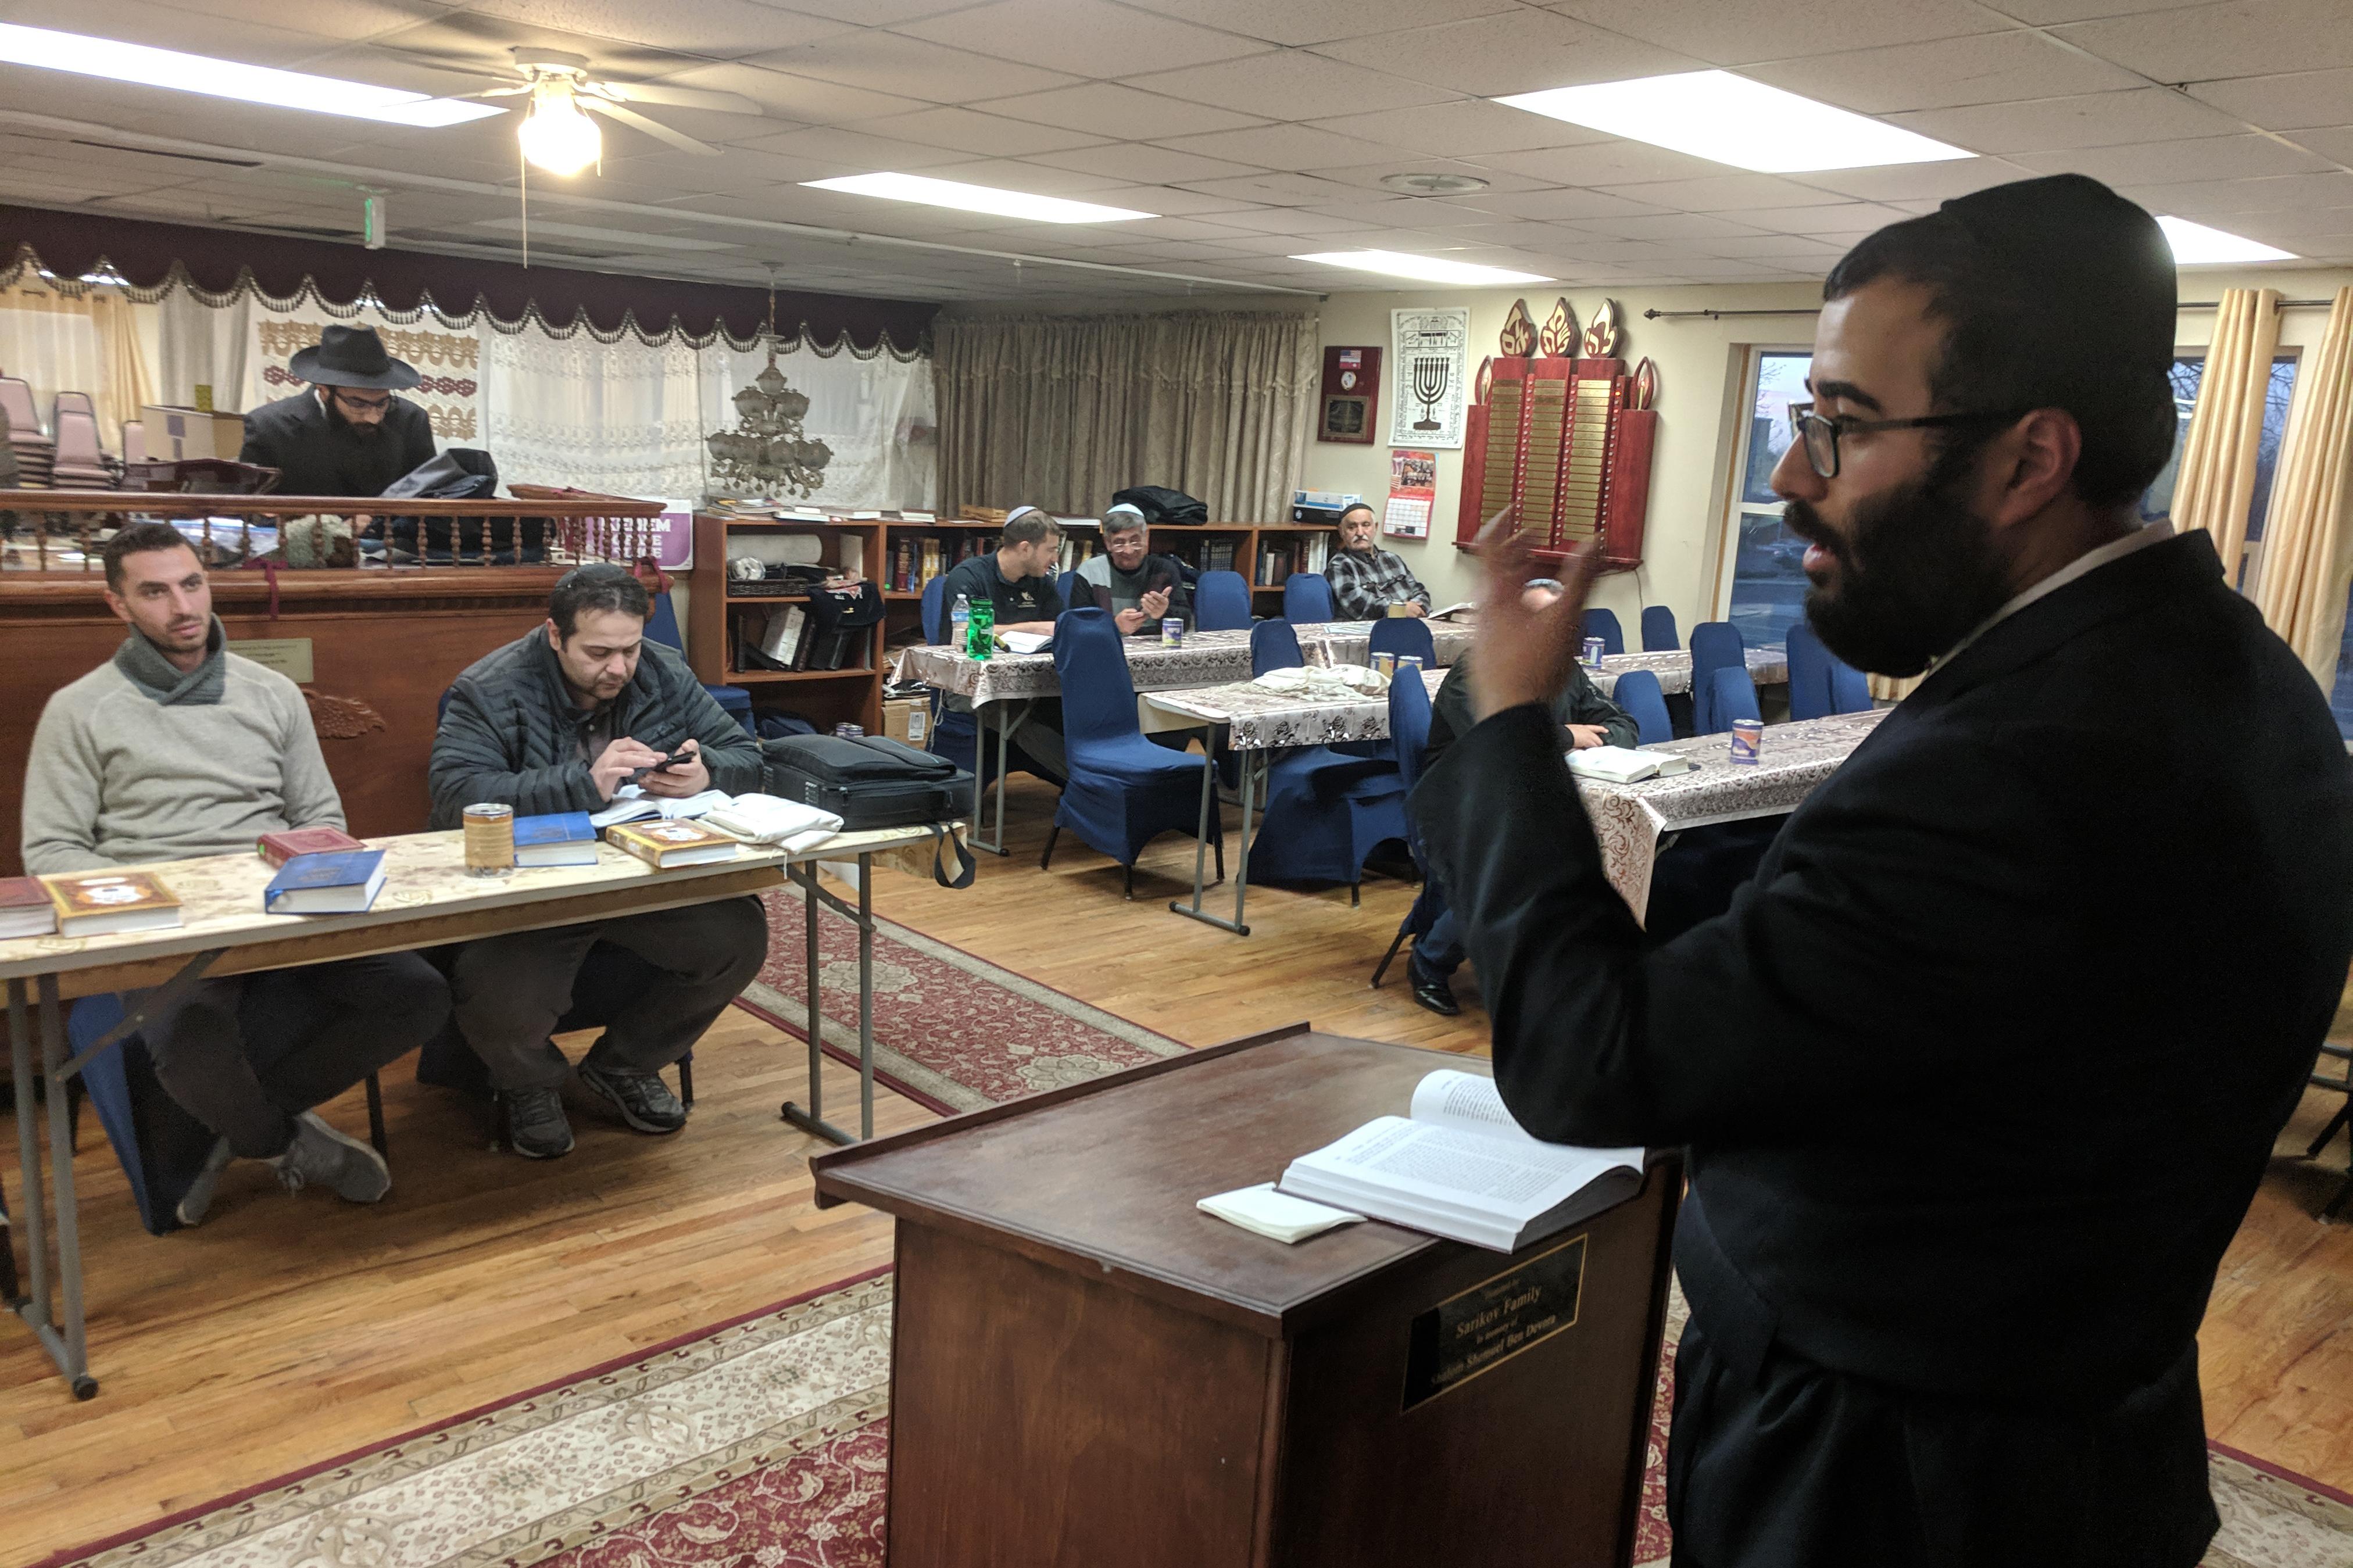 Photo: Aurora Eruv 4 Rabbi David Araiev | SB